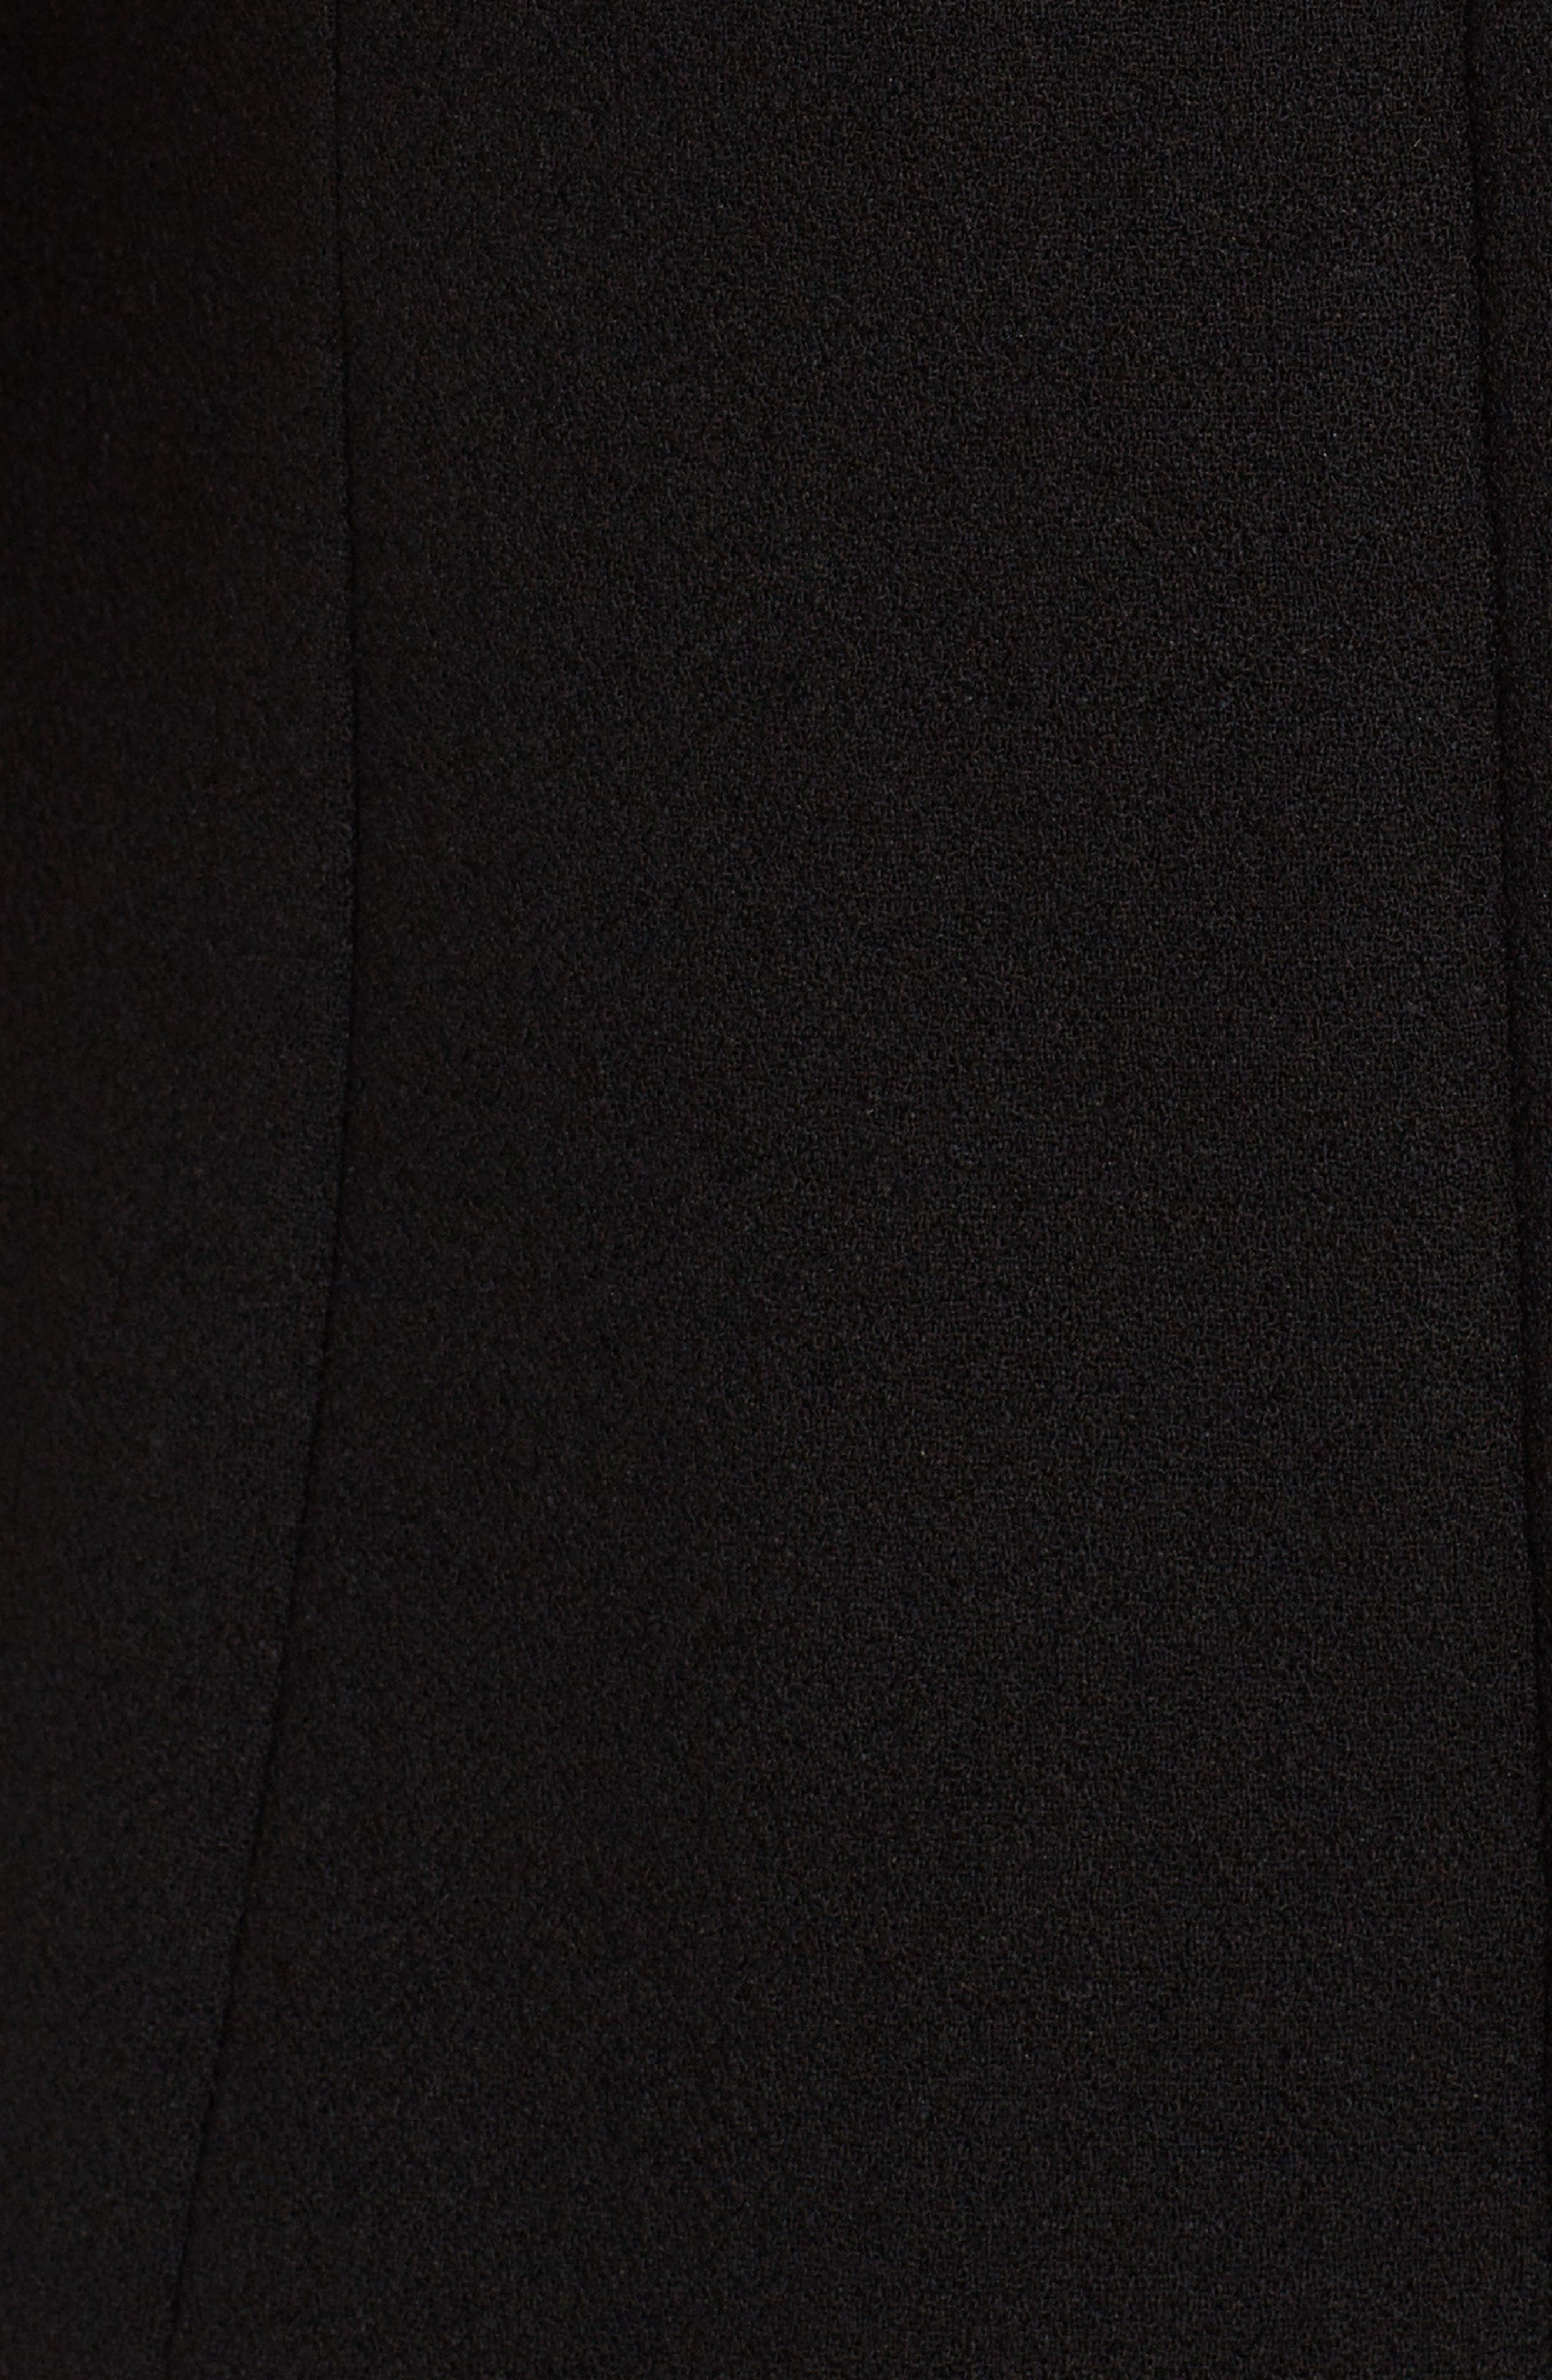 Sequin Logo Crepe A-Line Dress,                             Alternate thumbnail 5, color,                             Black